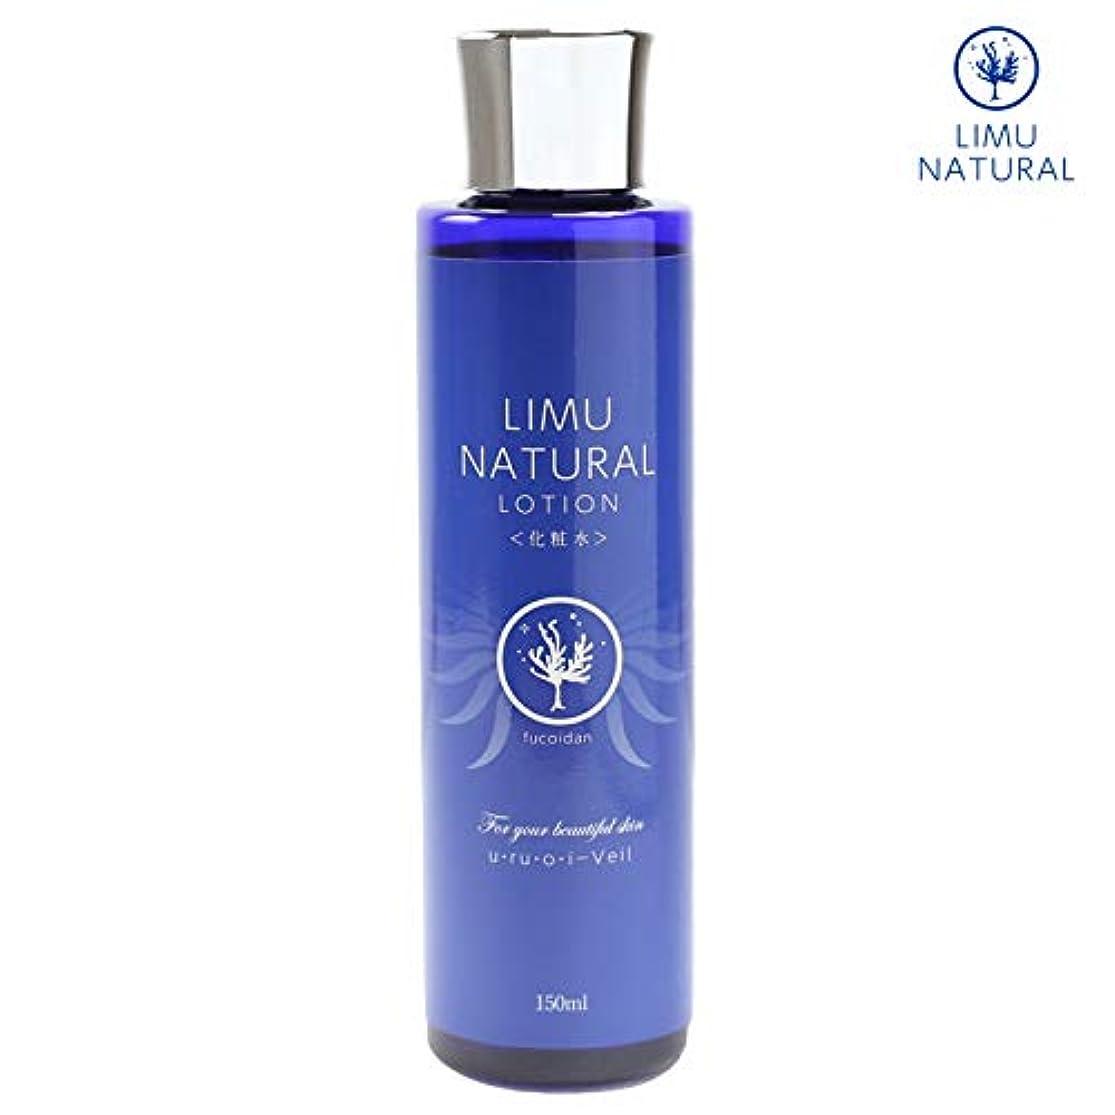 聴衆単に上下するリムナチュラル 化粧水 LIMU NATURAL LOTION (150ml) 海の恵「フコイダン」と大地の恵「グリセリルグルコシド」を贅沢に配合